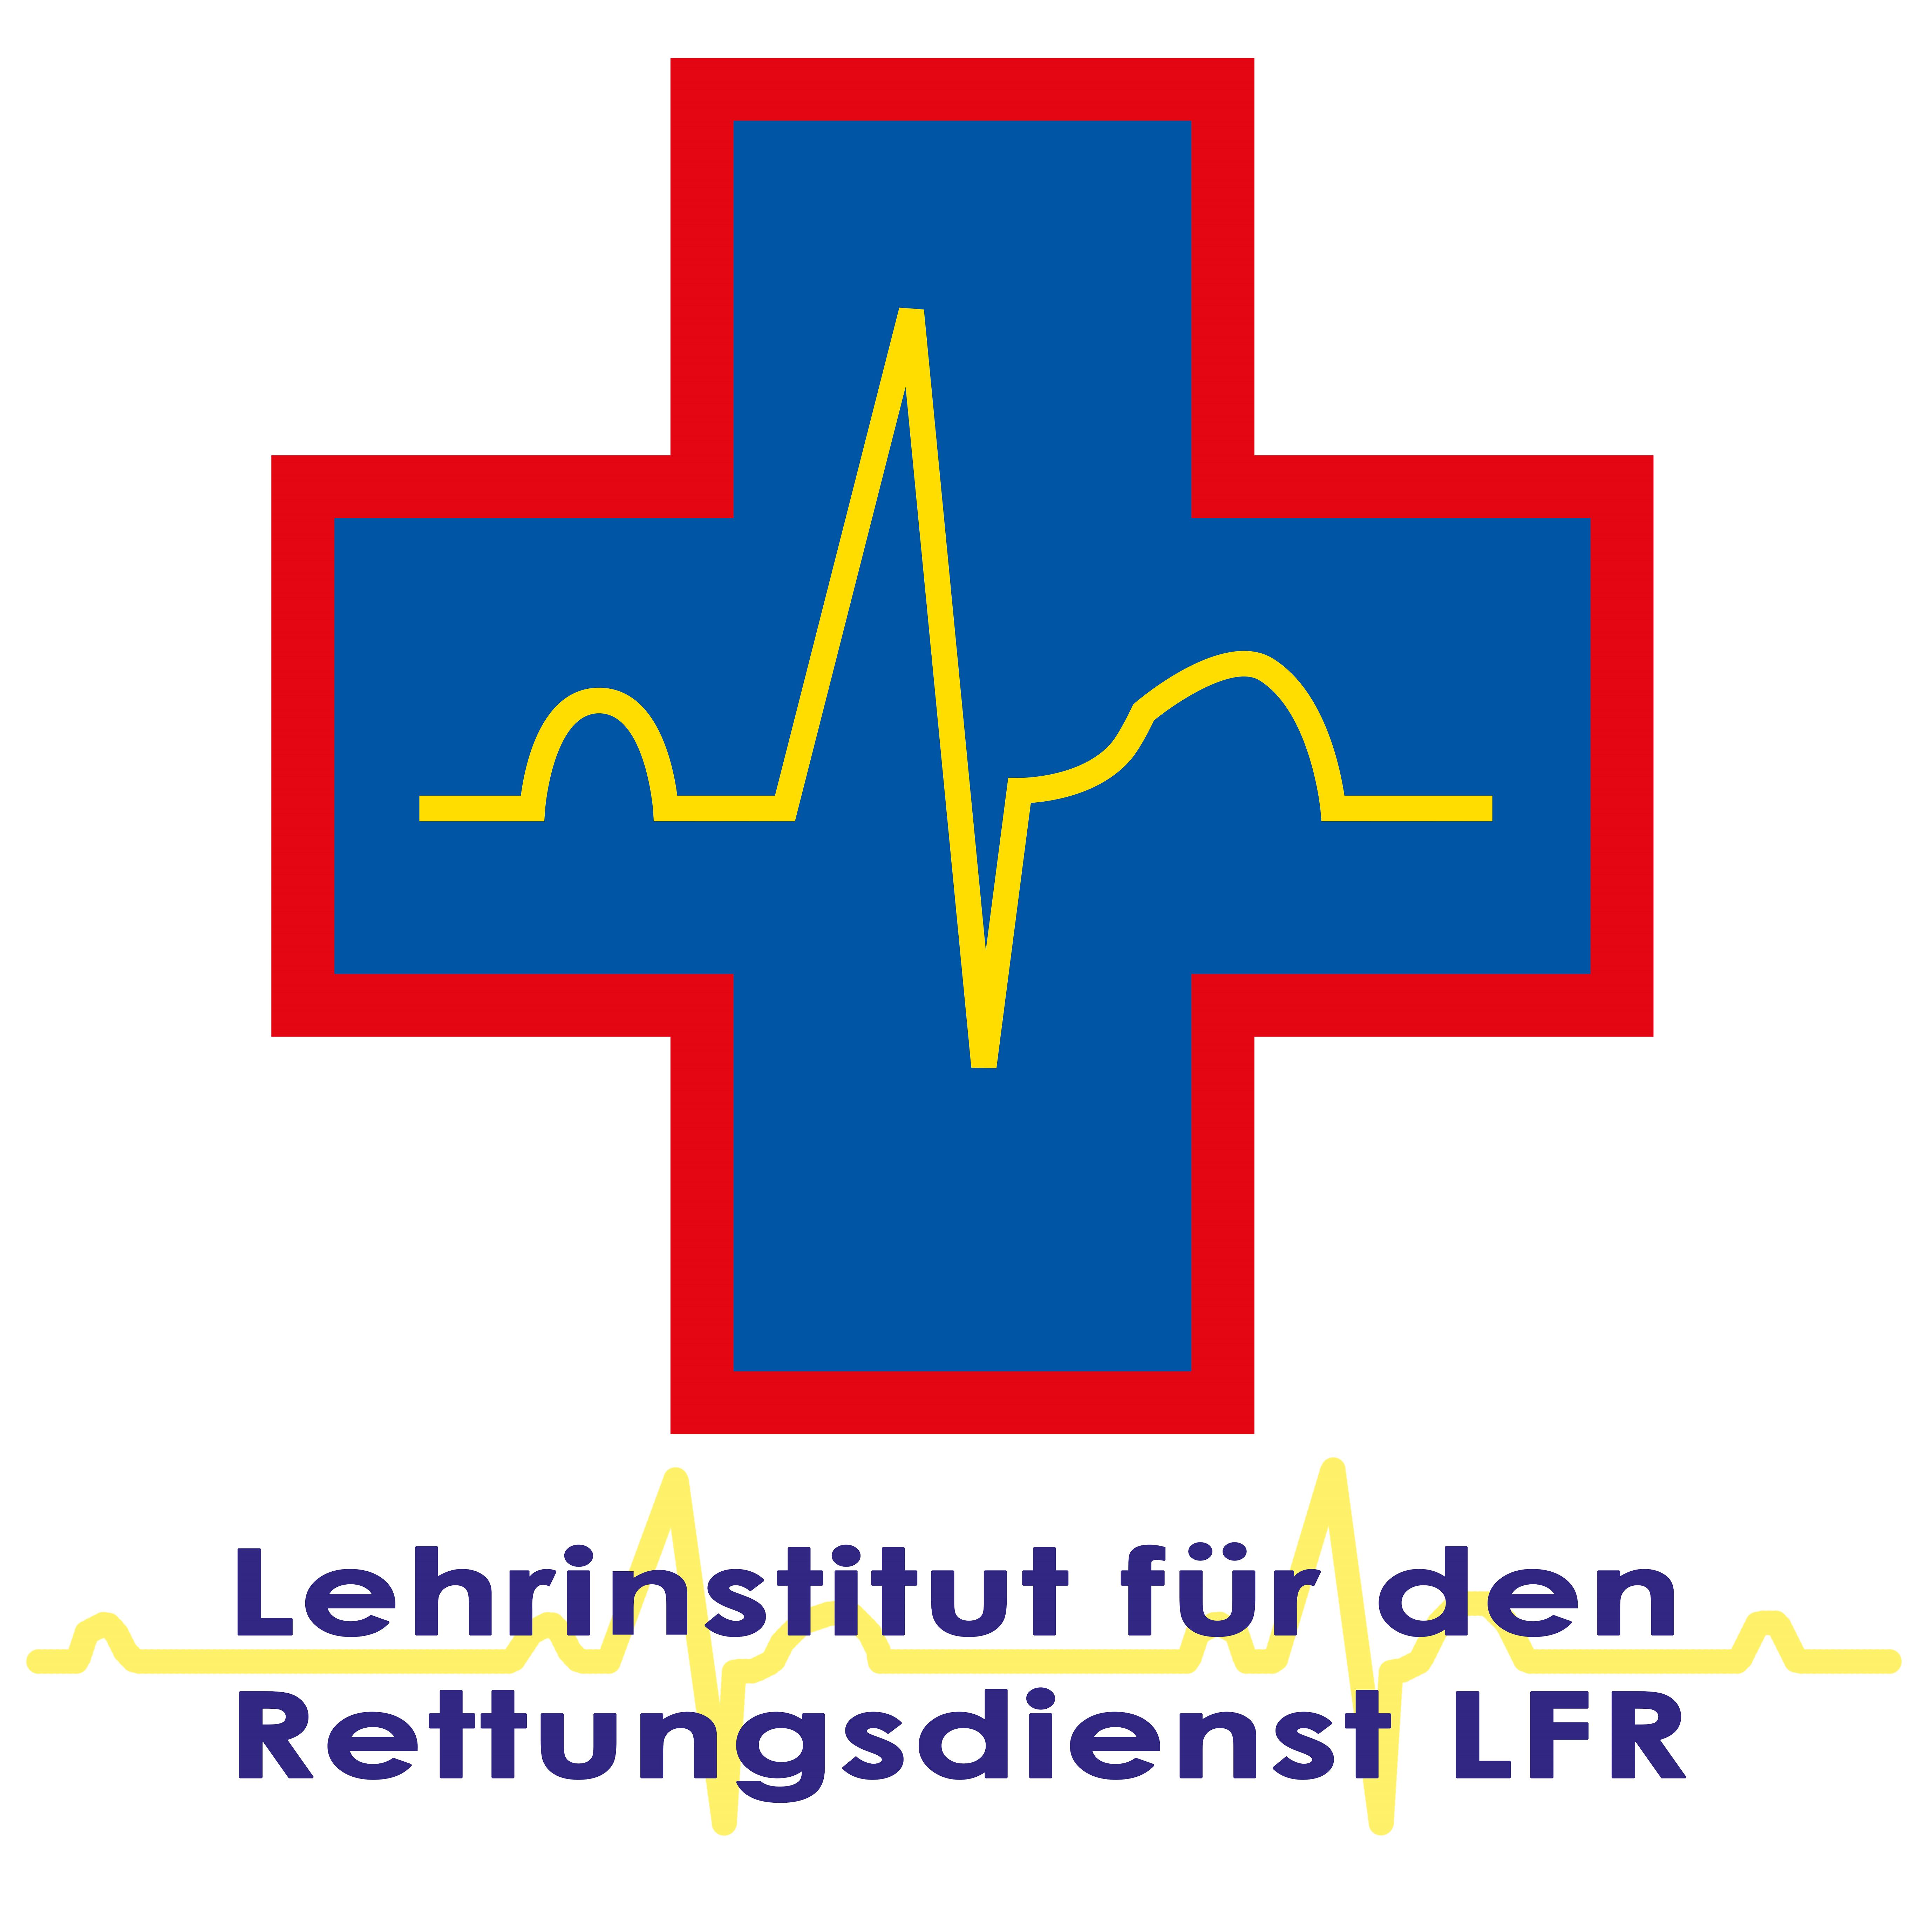 Lehrinstitut für den Rettungsdienst LFR